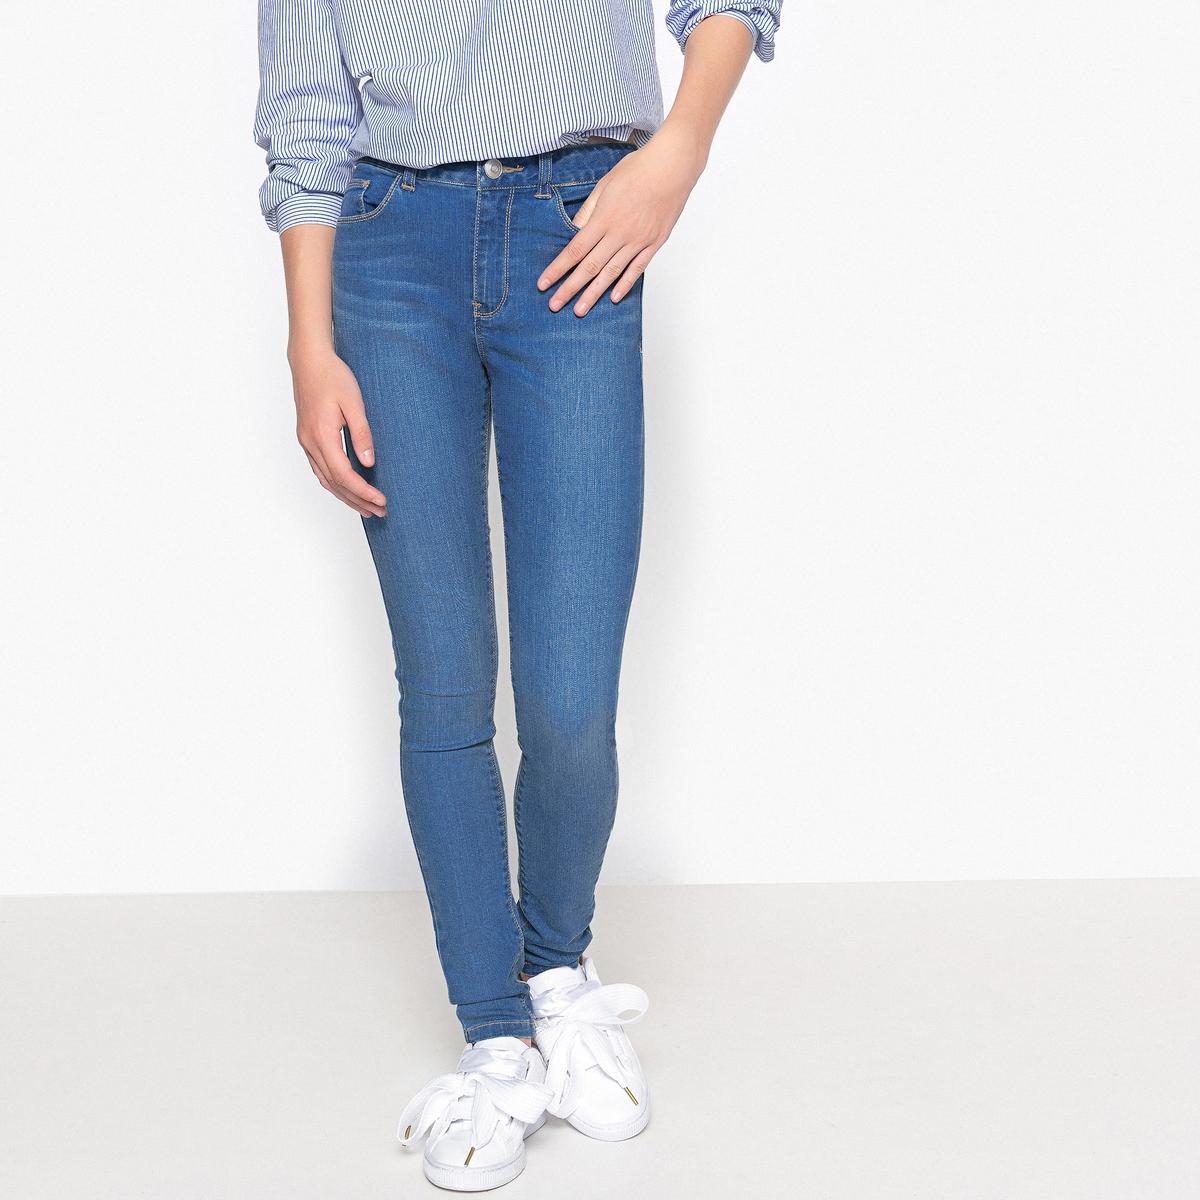 Джинсы La Redoute Супер скинни 10 синий джинсы супер райфл купить